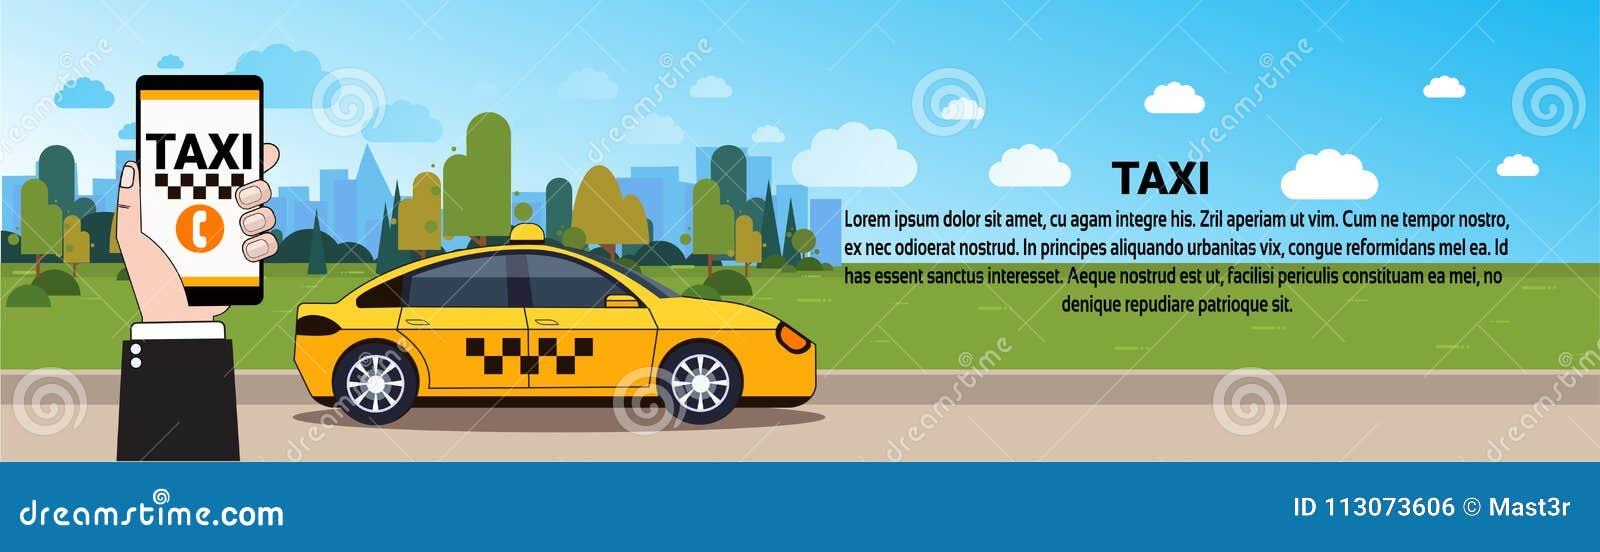 Mobil Smart för innehav för taxiservicehand telefon med online-beställning App över den gula taxibilen på väghorisontalbaner